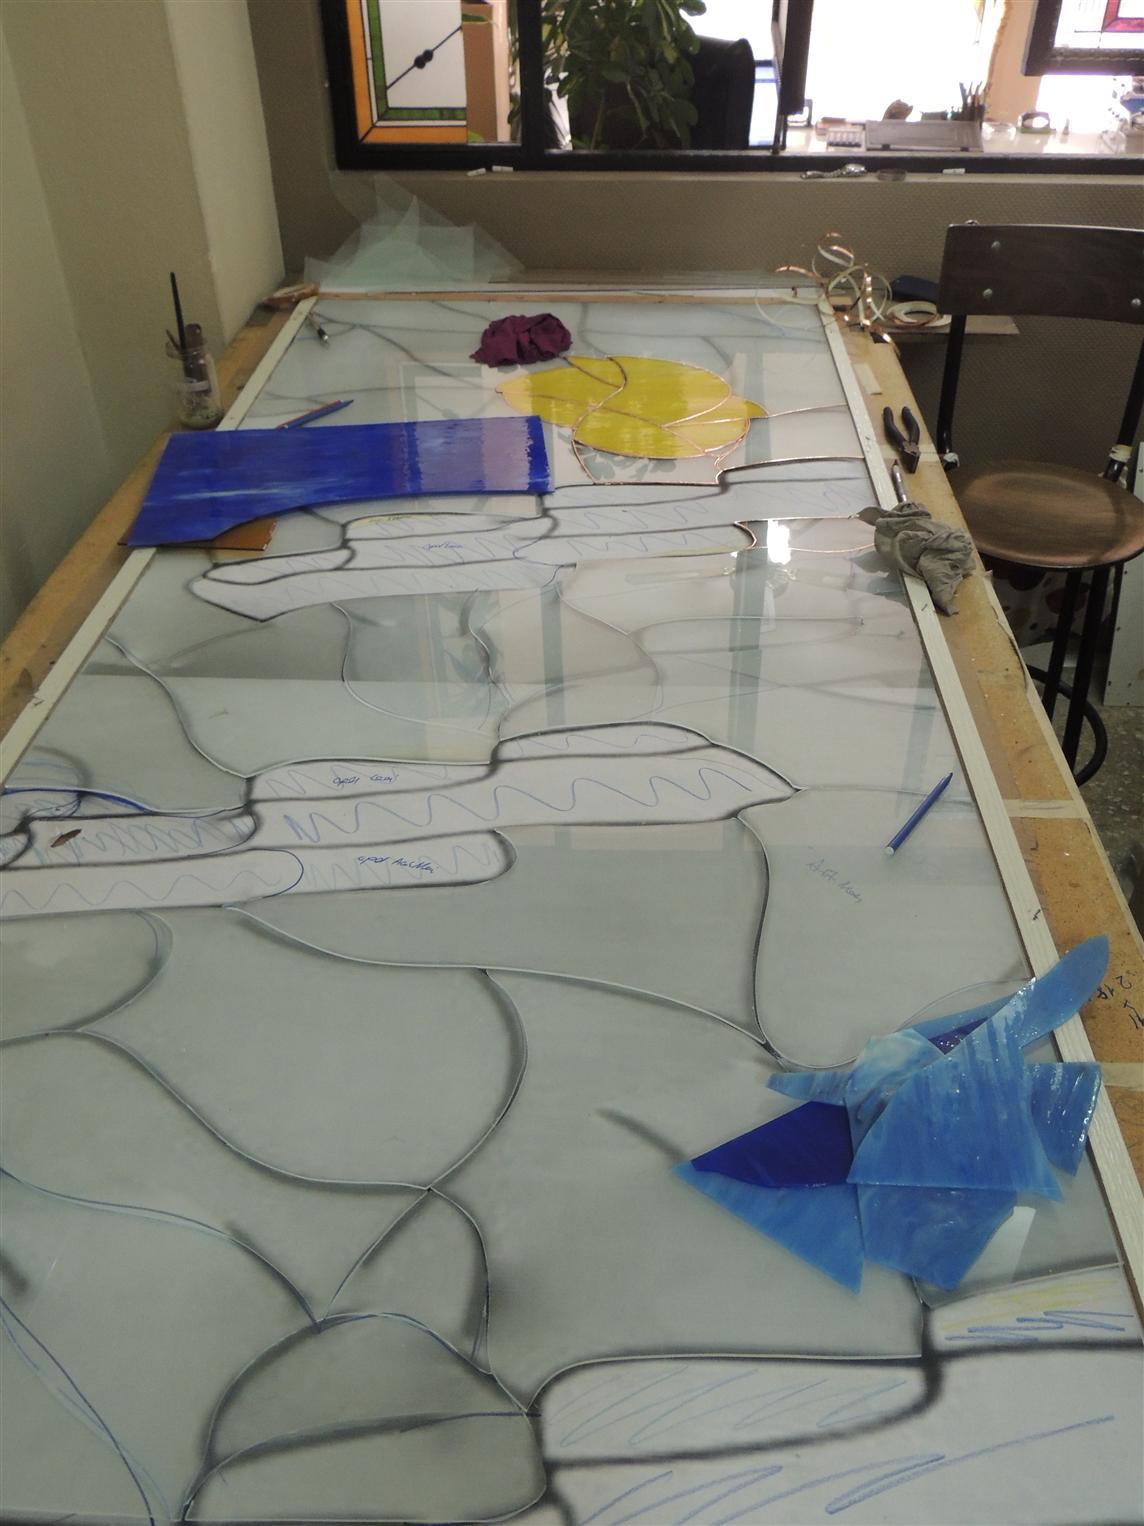 izka-insaat-life-port-evleri201592116514384.jpg izmir vitray çalışması